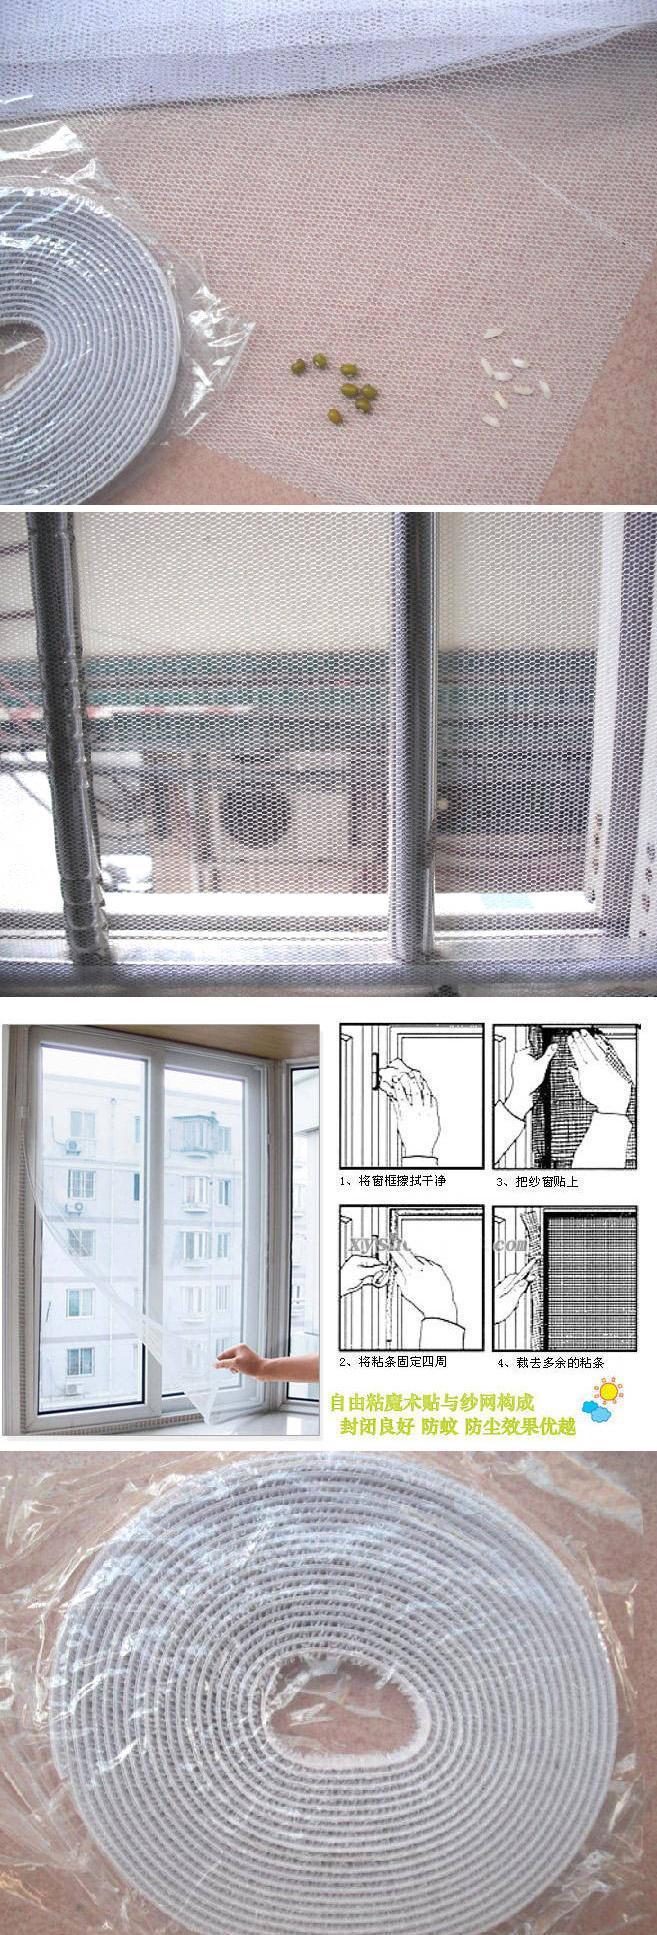 Оконные и дверные противомоскитные сетки OEM 130 * 150 ,  diy flyscreen 3